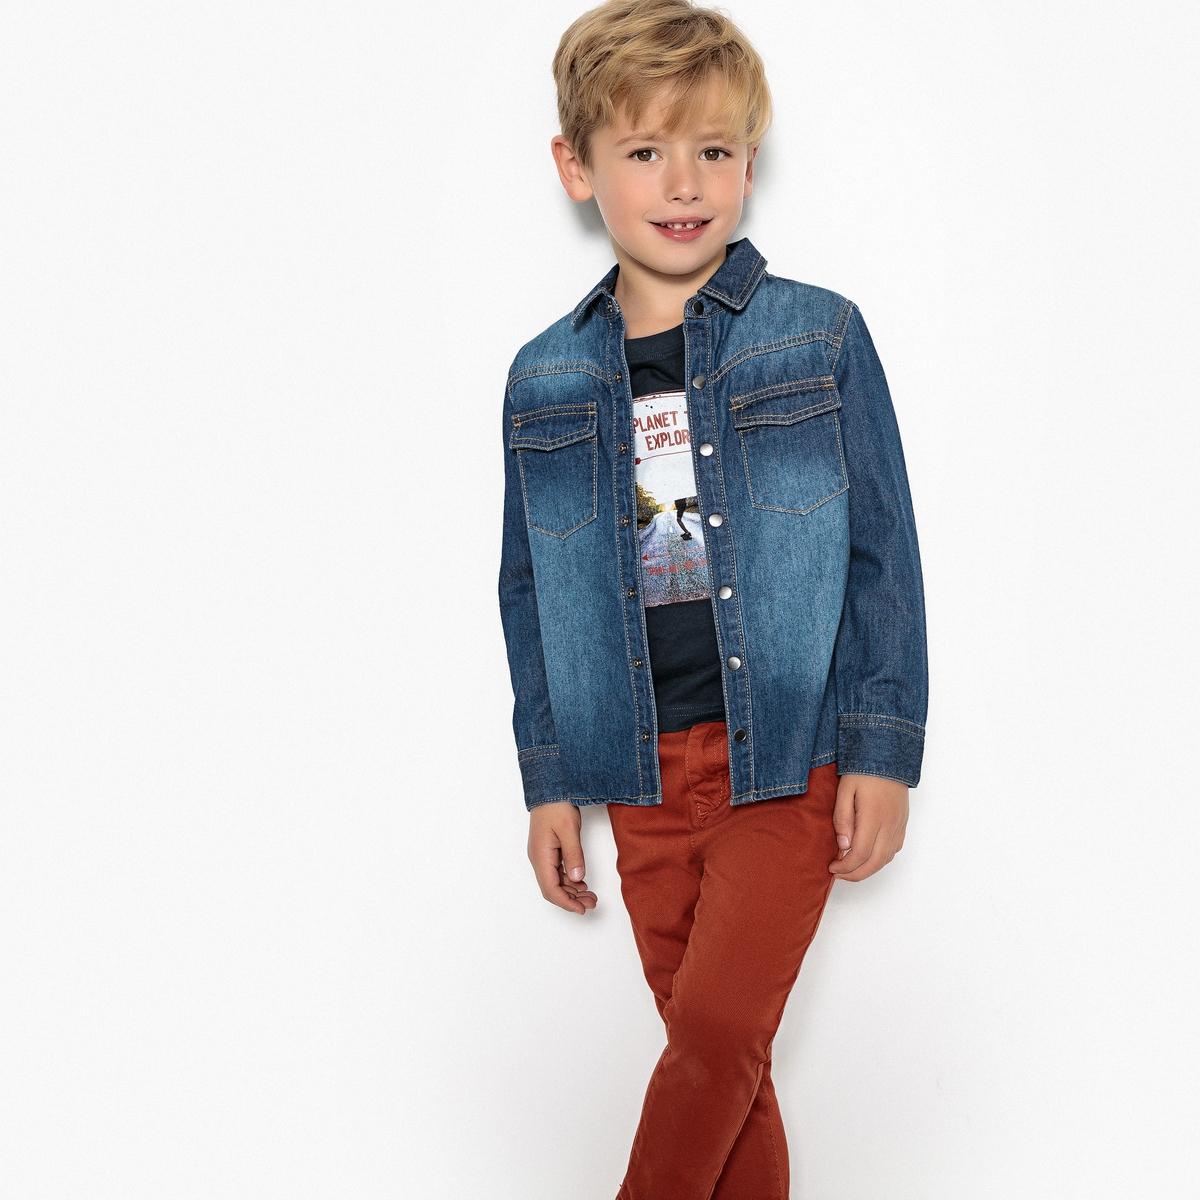 Рубашка джинсовая, для 3-12 лет рубашка джинсовая 3 12 лет